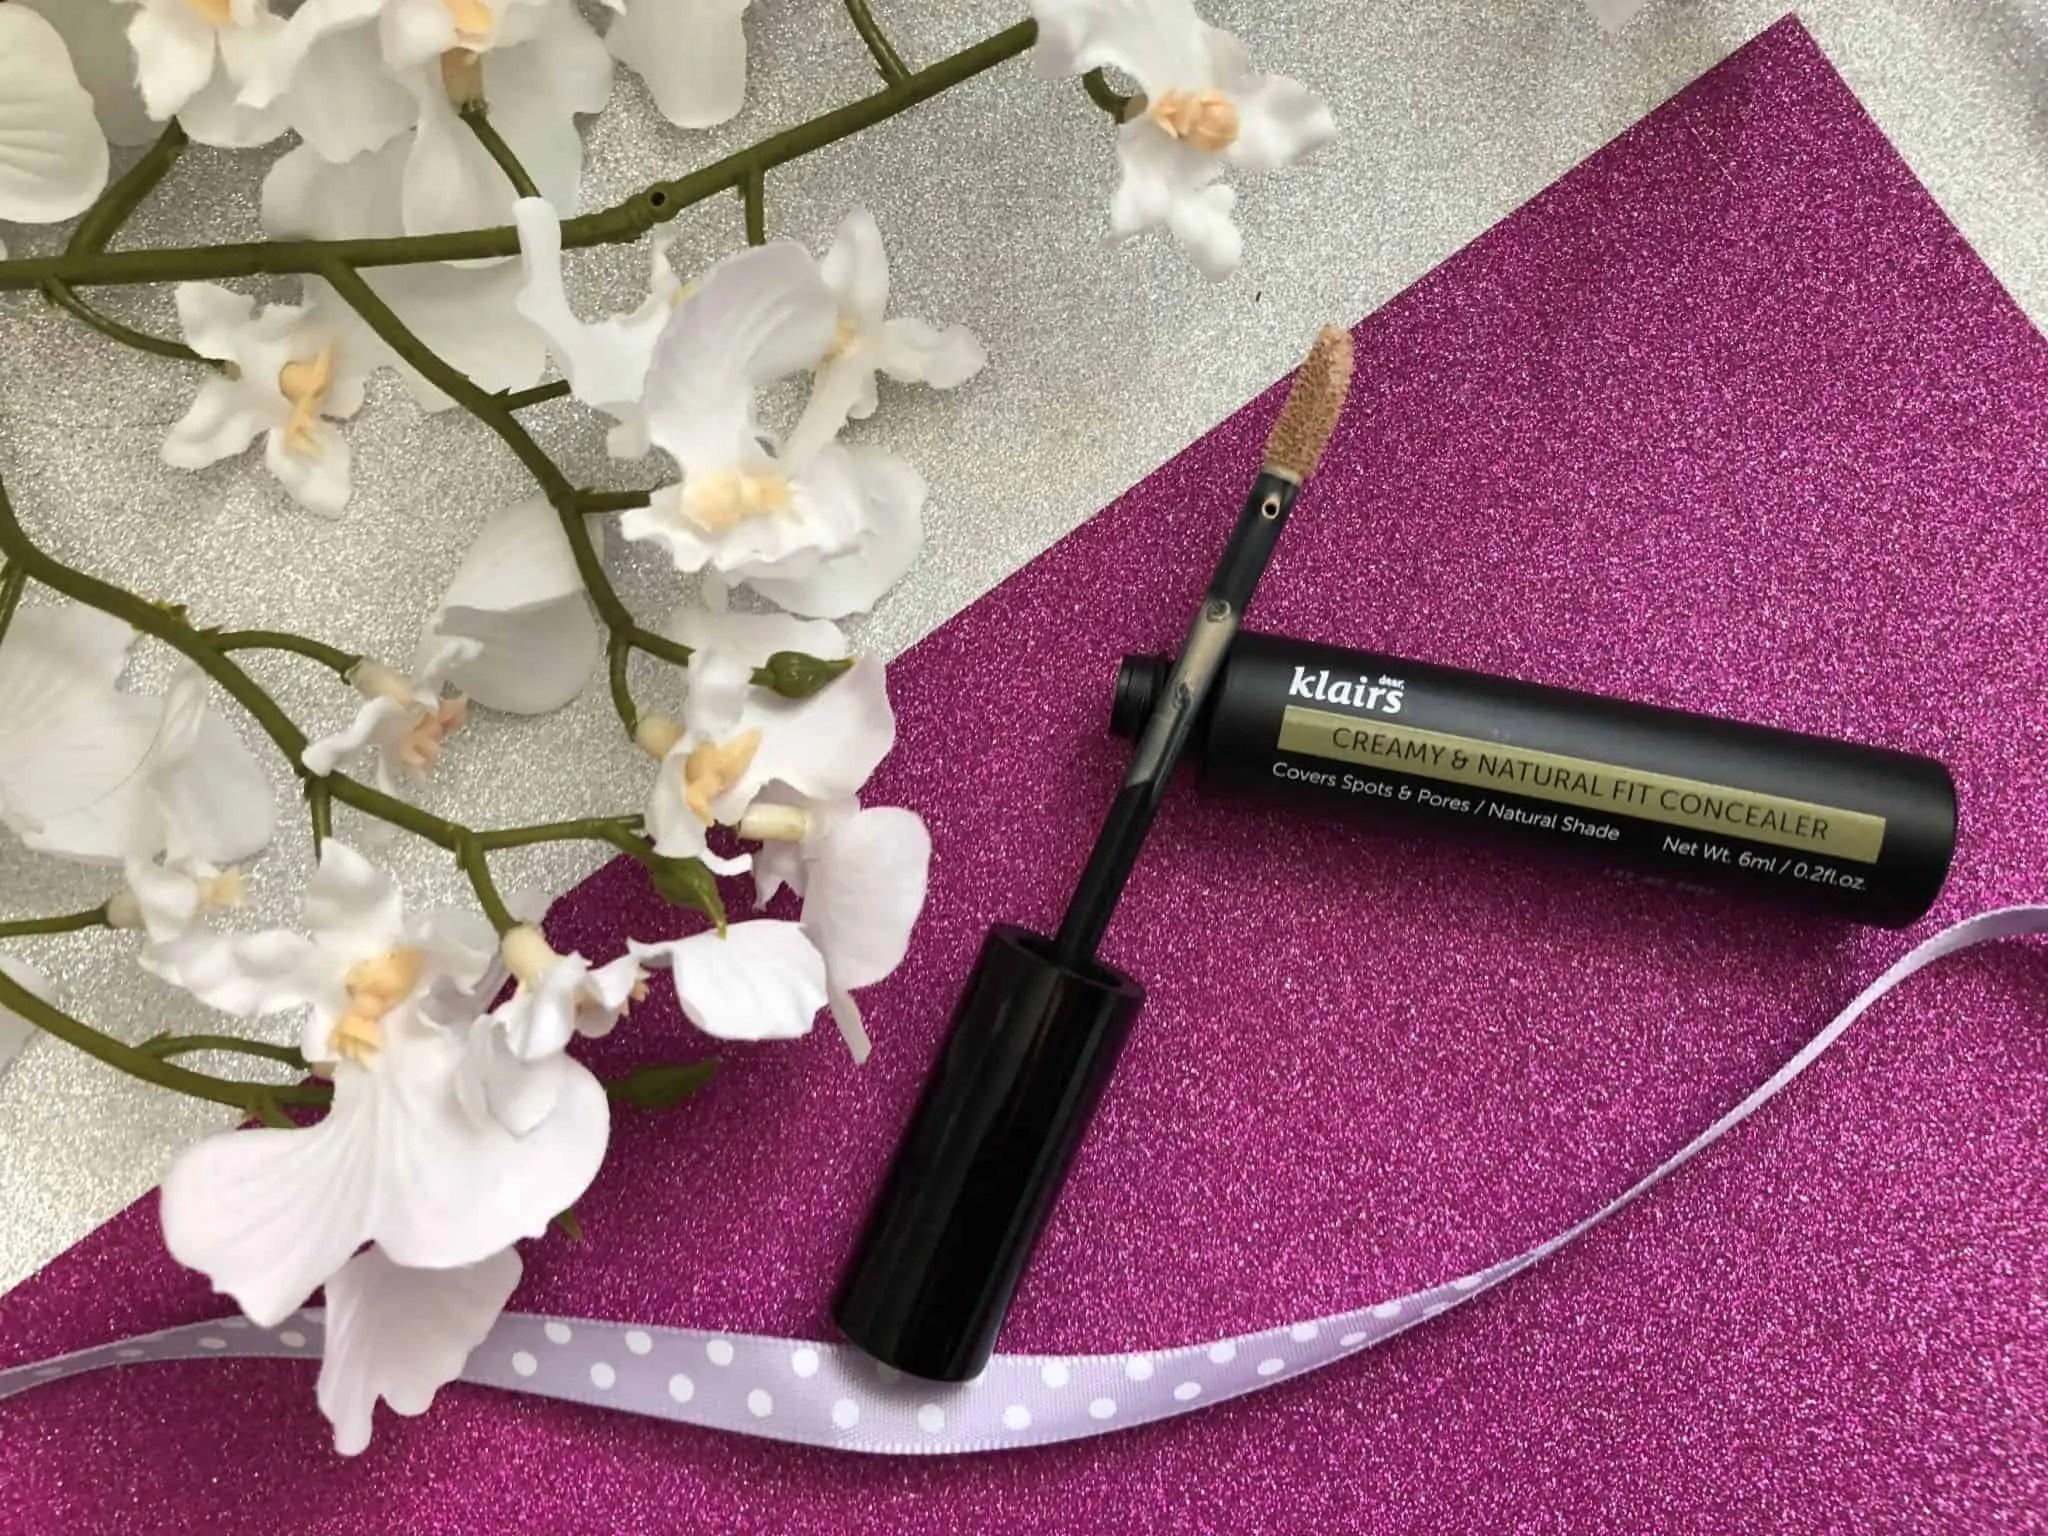 Testing Korean beauty Klairs concealer